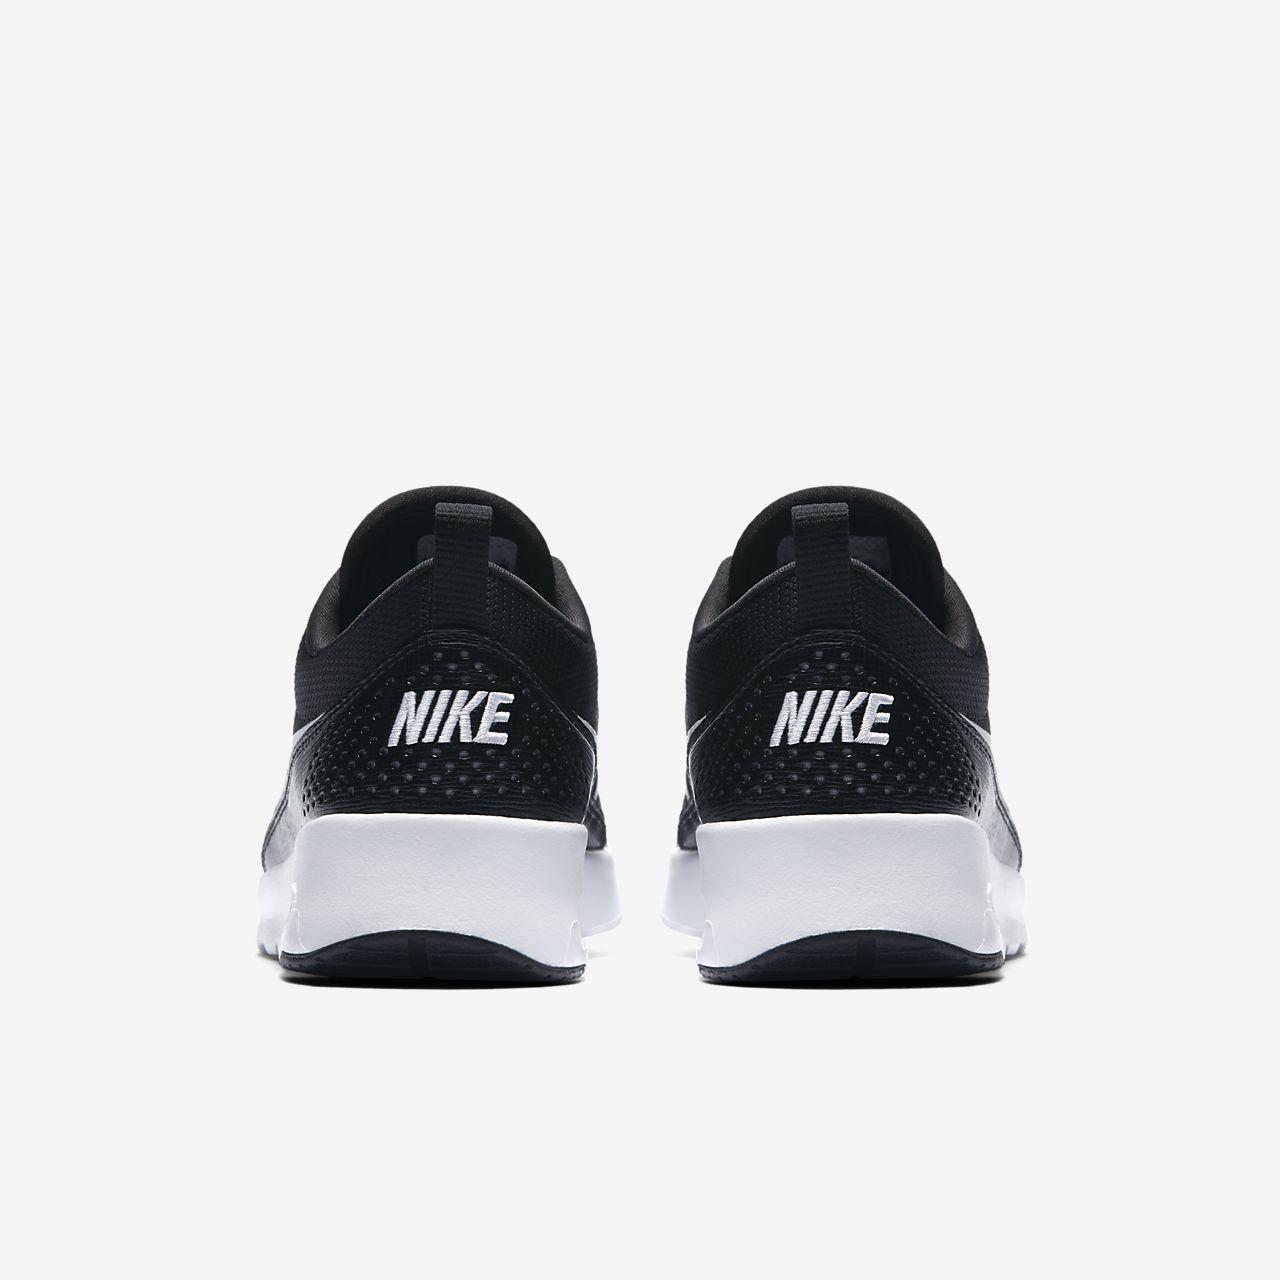 reputable site a0f3b a8ae6 ... Sko Nike Air Max Thea för kvinnor